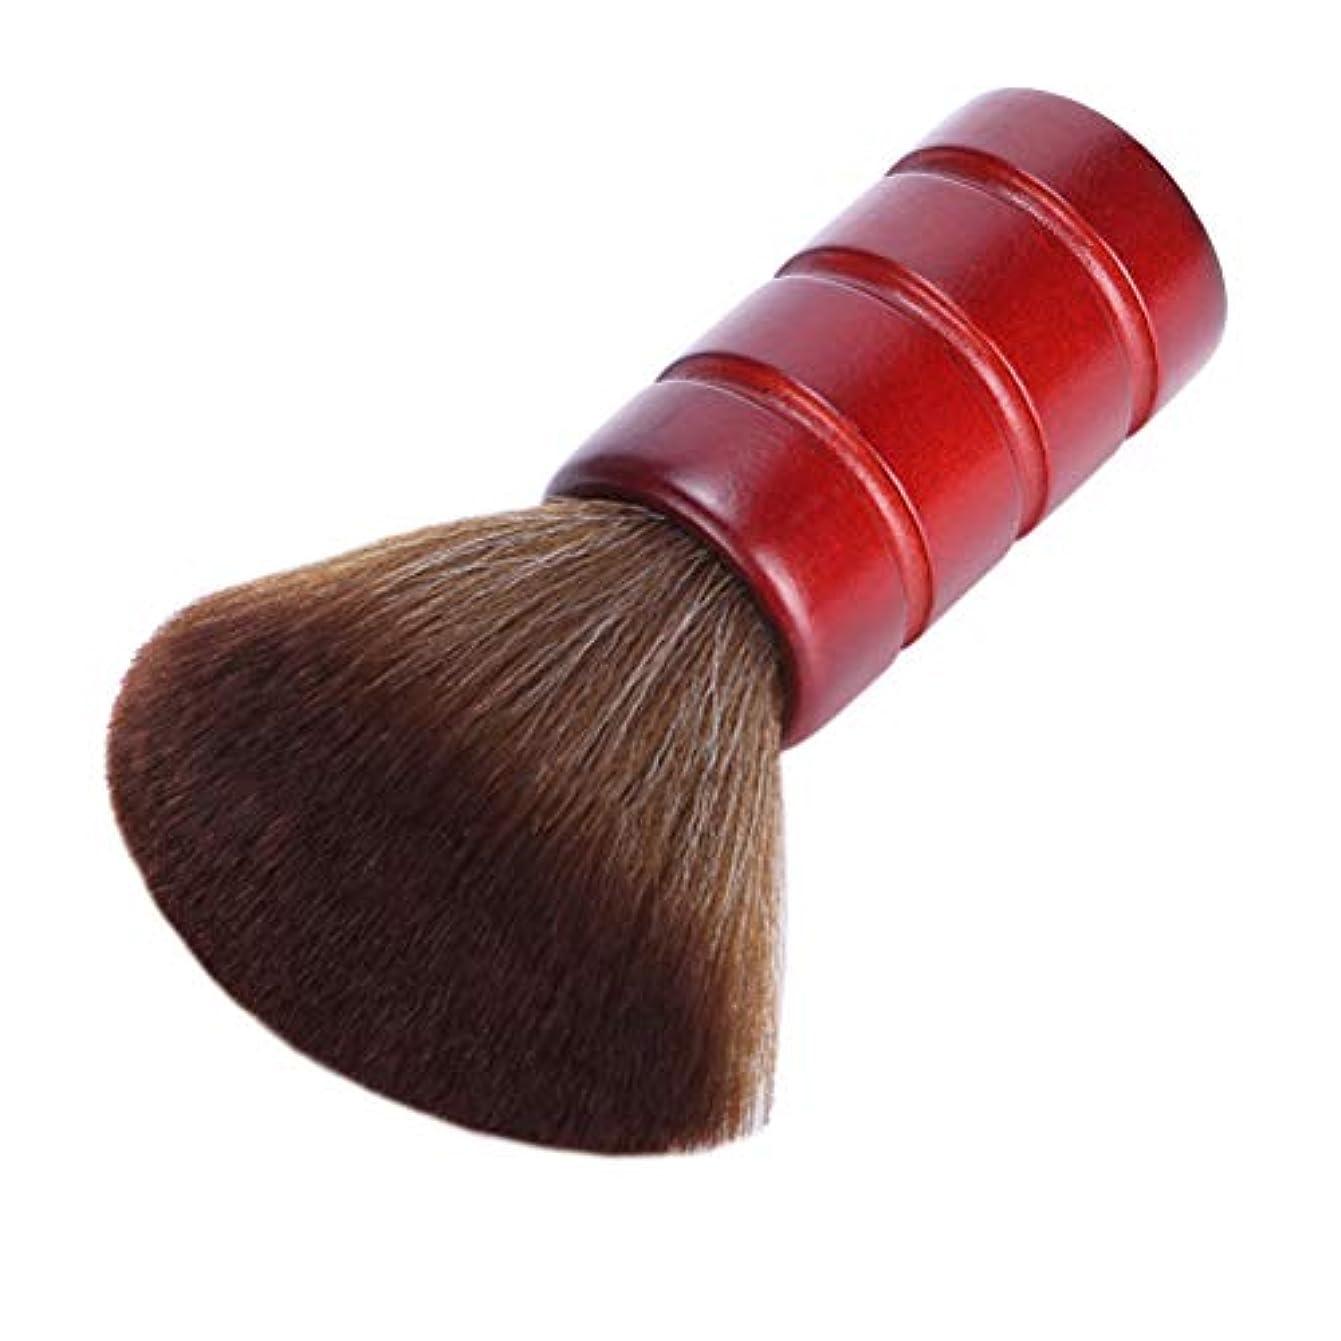 る赤面抑制Lurroseプロフェッショナルヘアカットブラシソフトファイバーフェイスネックダスターブラシ理髪サロン理容ツール